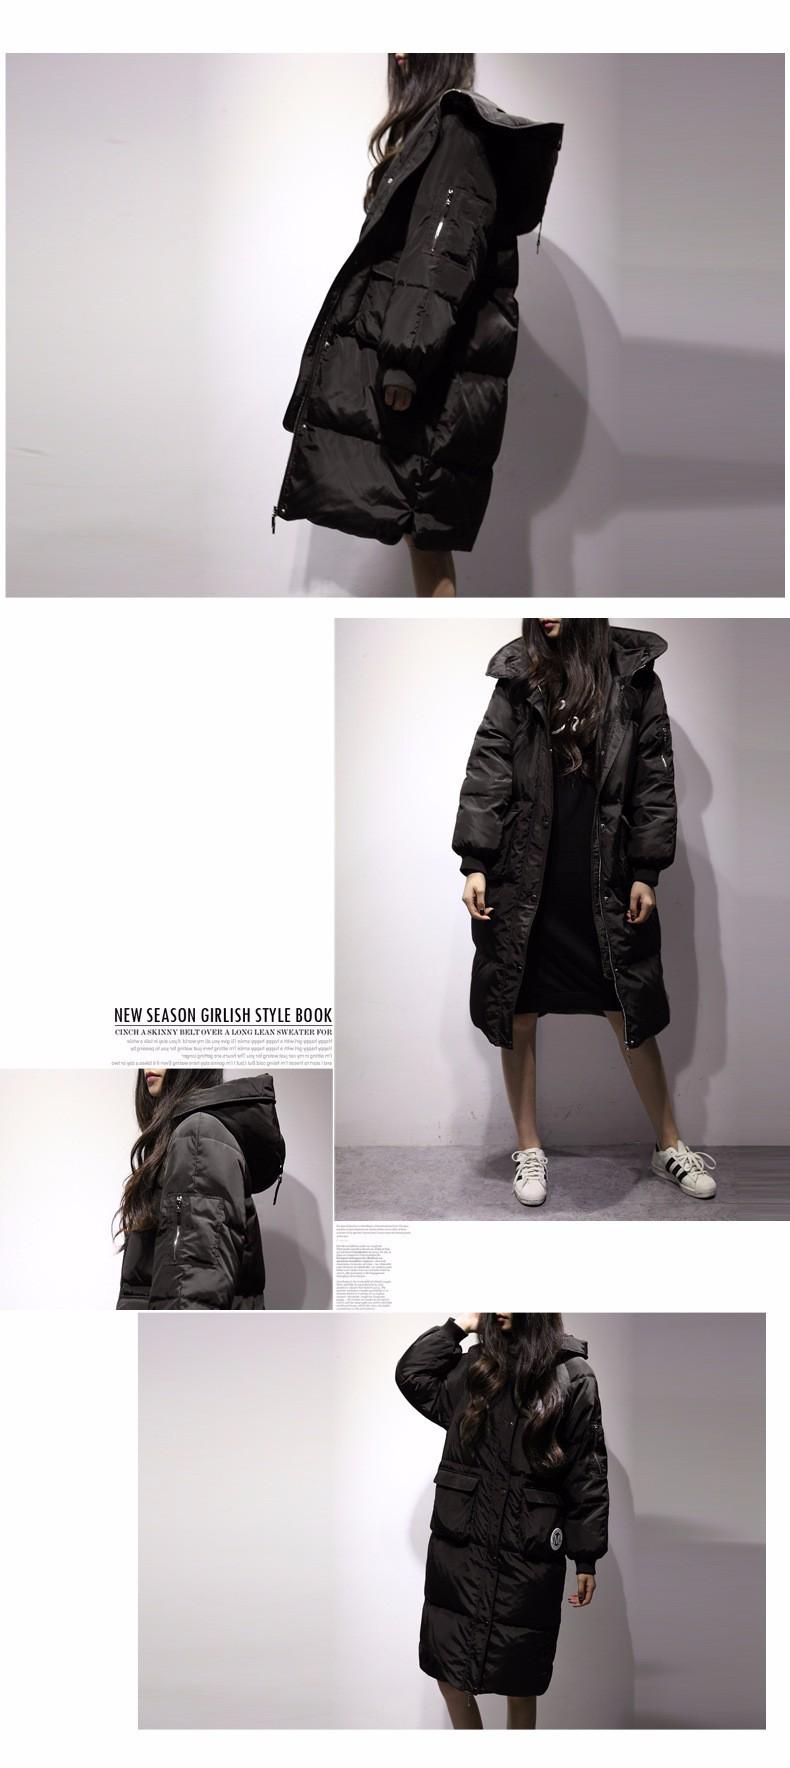 Скидки на 2016 Новый Женщины зимняя Мода X-Long Зимнее Пальто Женщин Куртки Женщин С Верхней Одежды Женщин